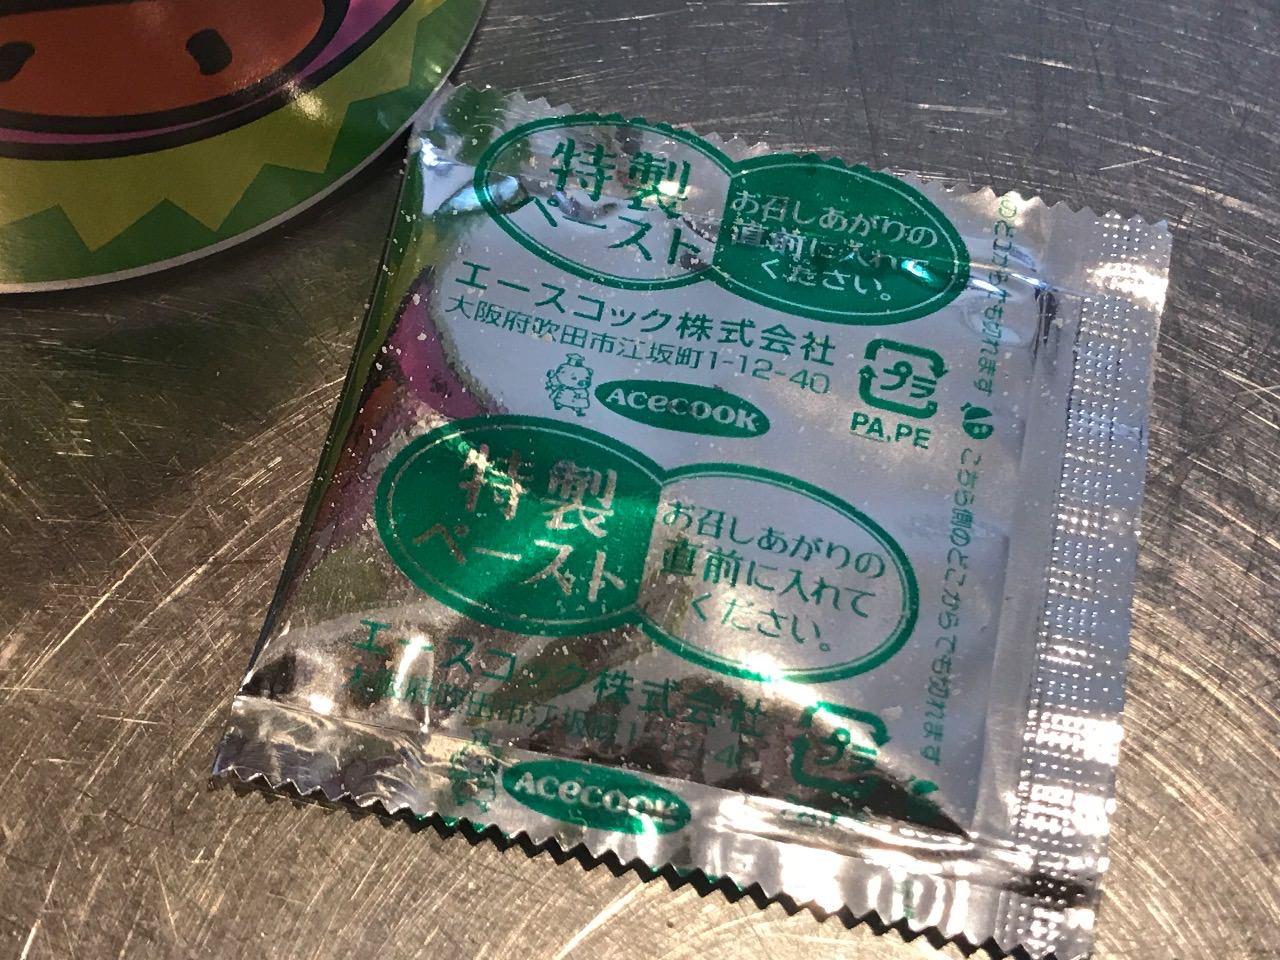 ブタメンBIG わさびとんこつ味 感想 06